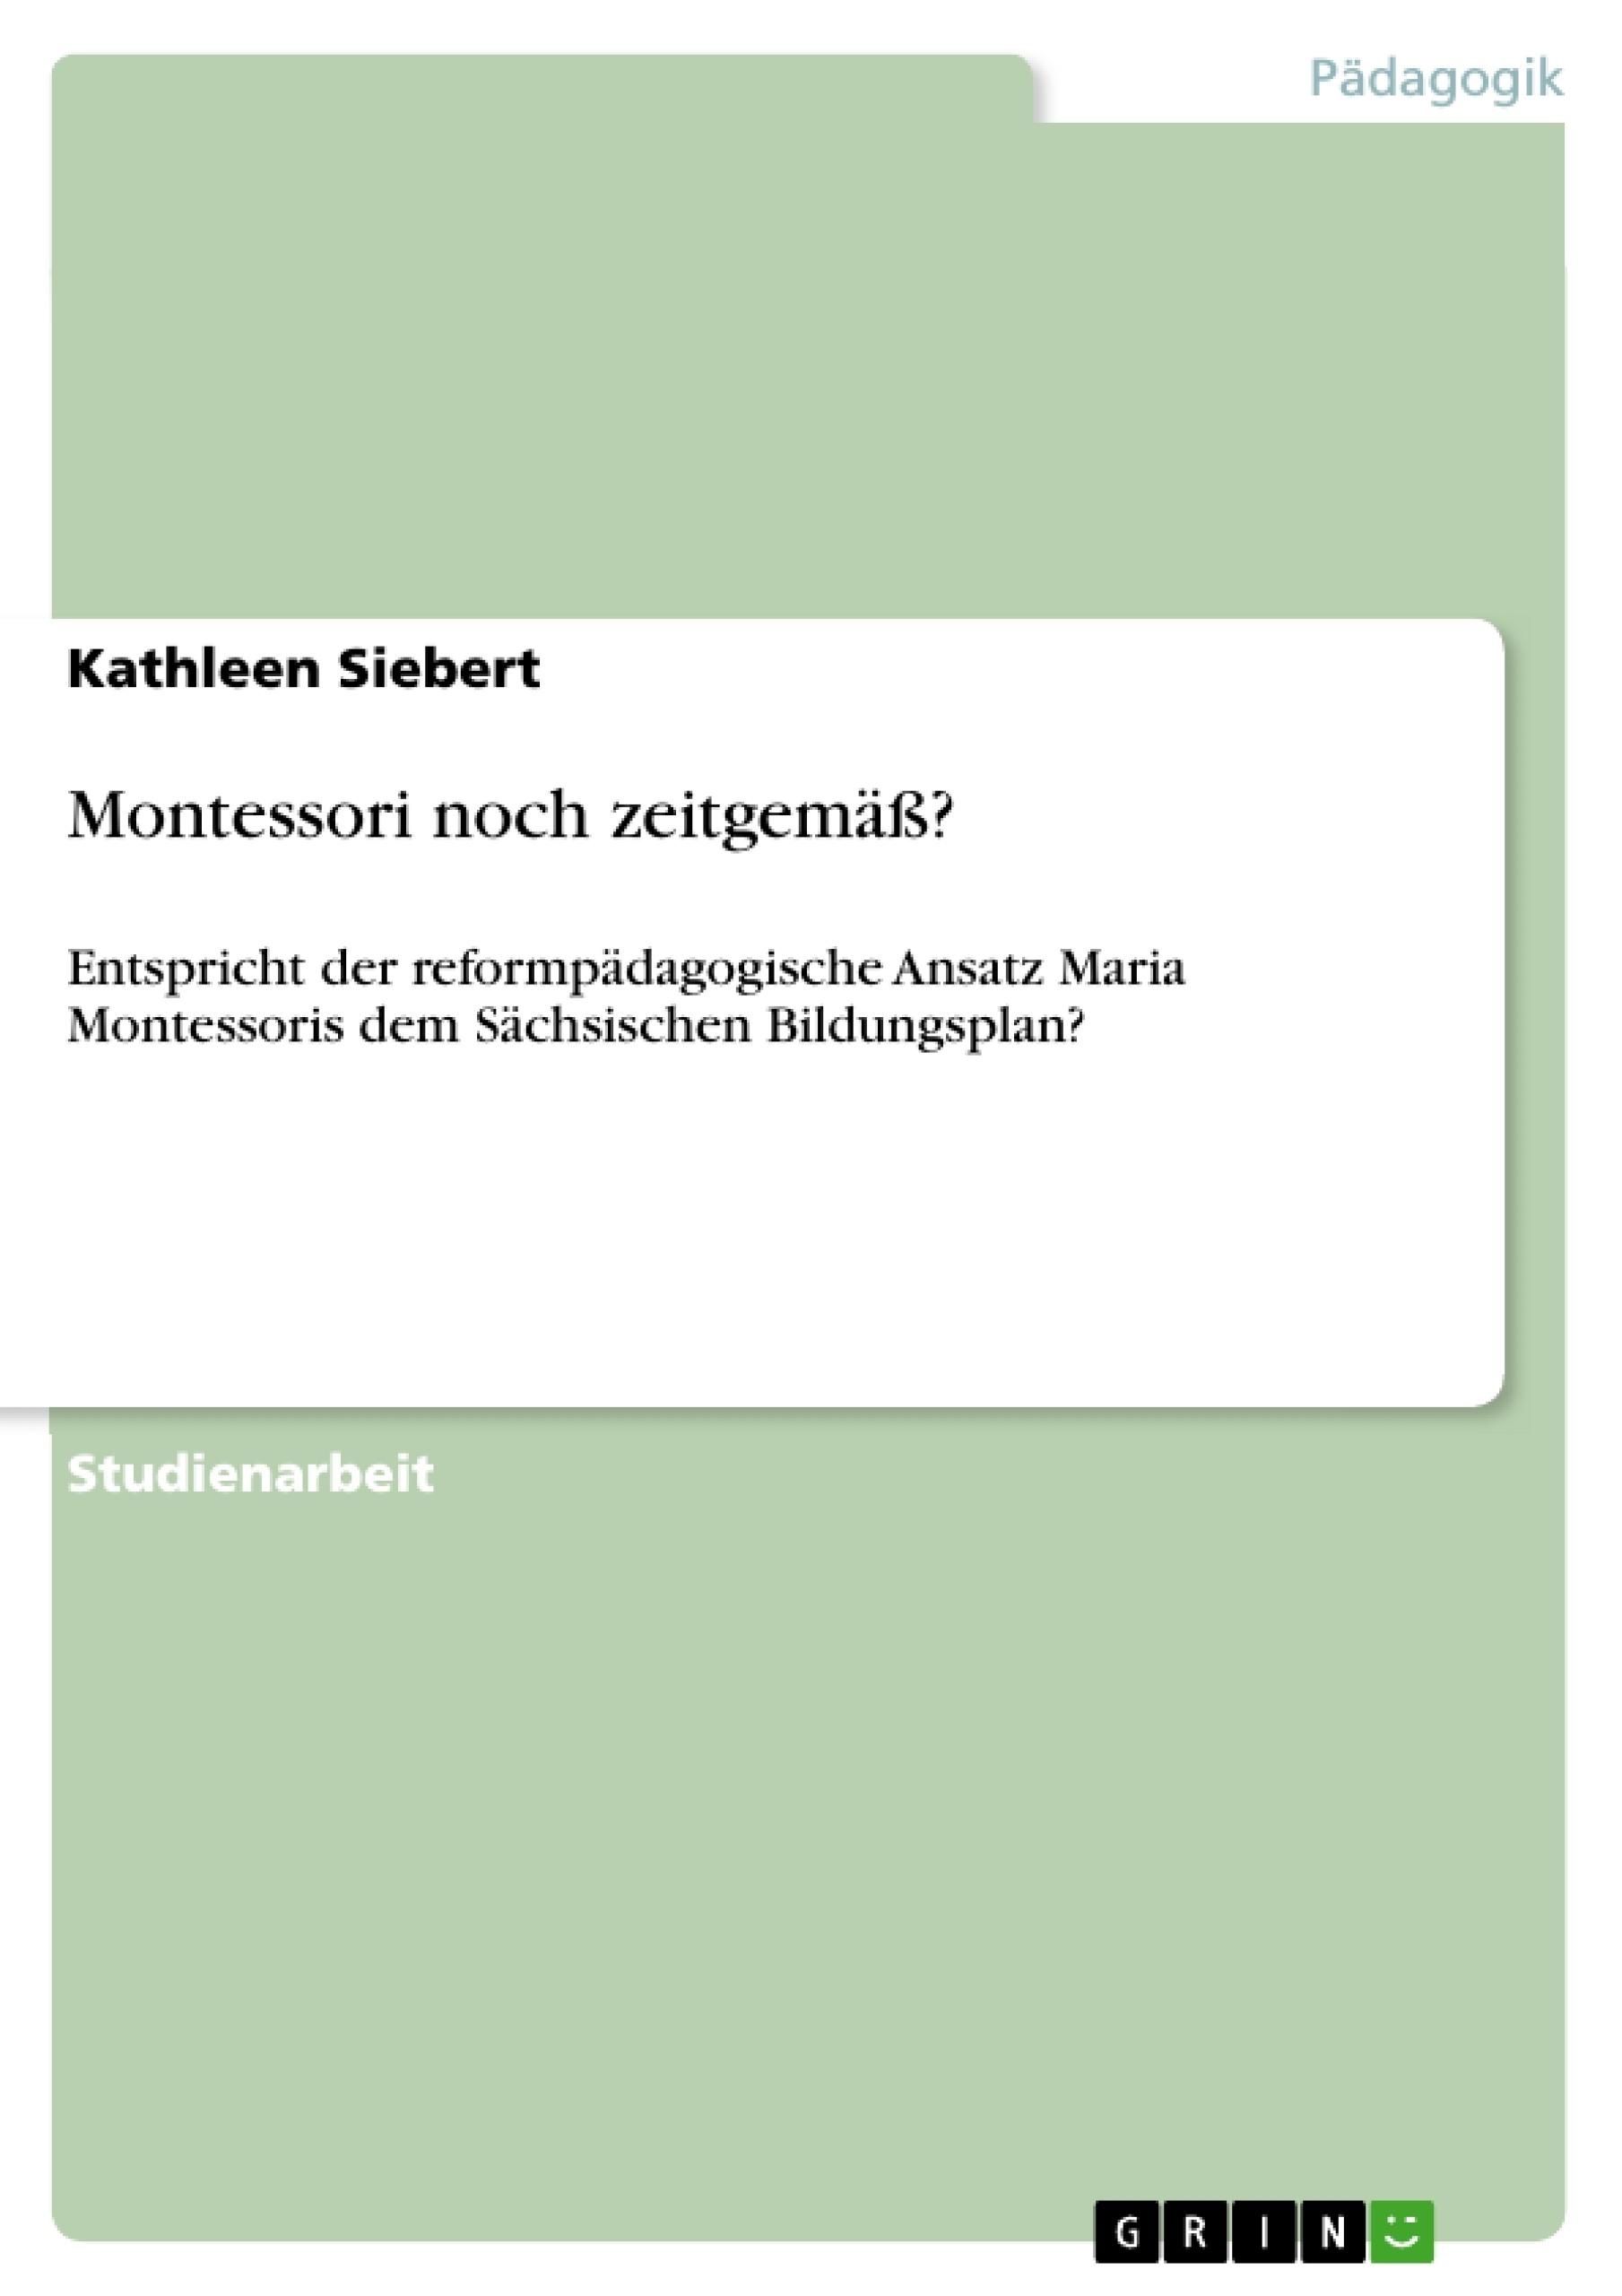 Titel: Montessori noch zeitgemäß?